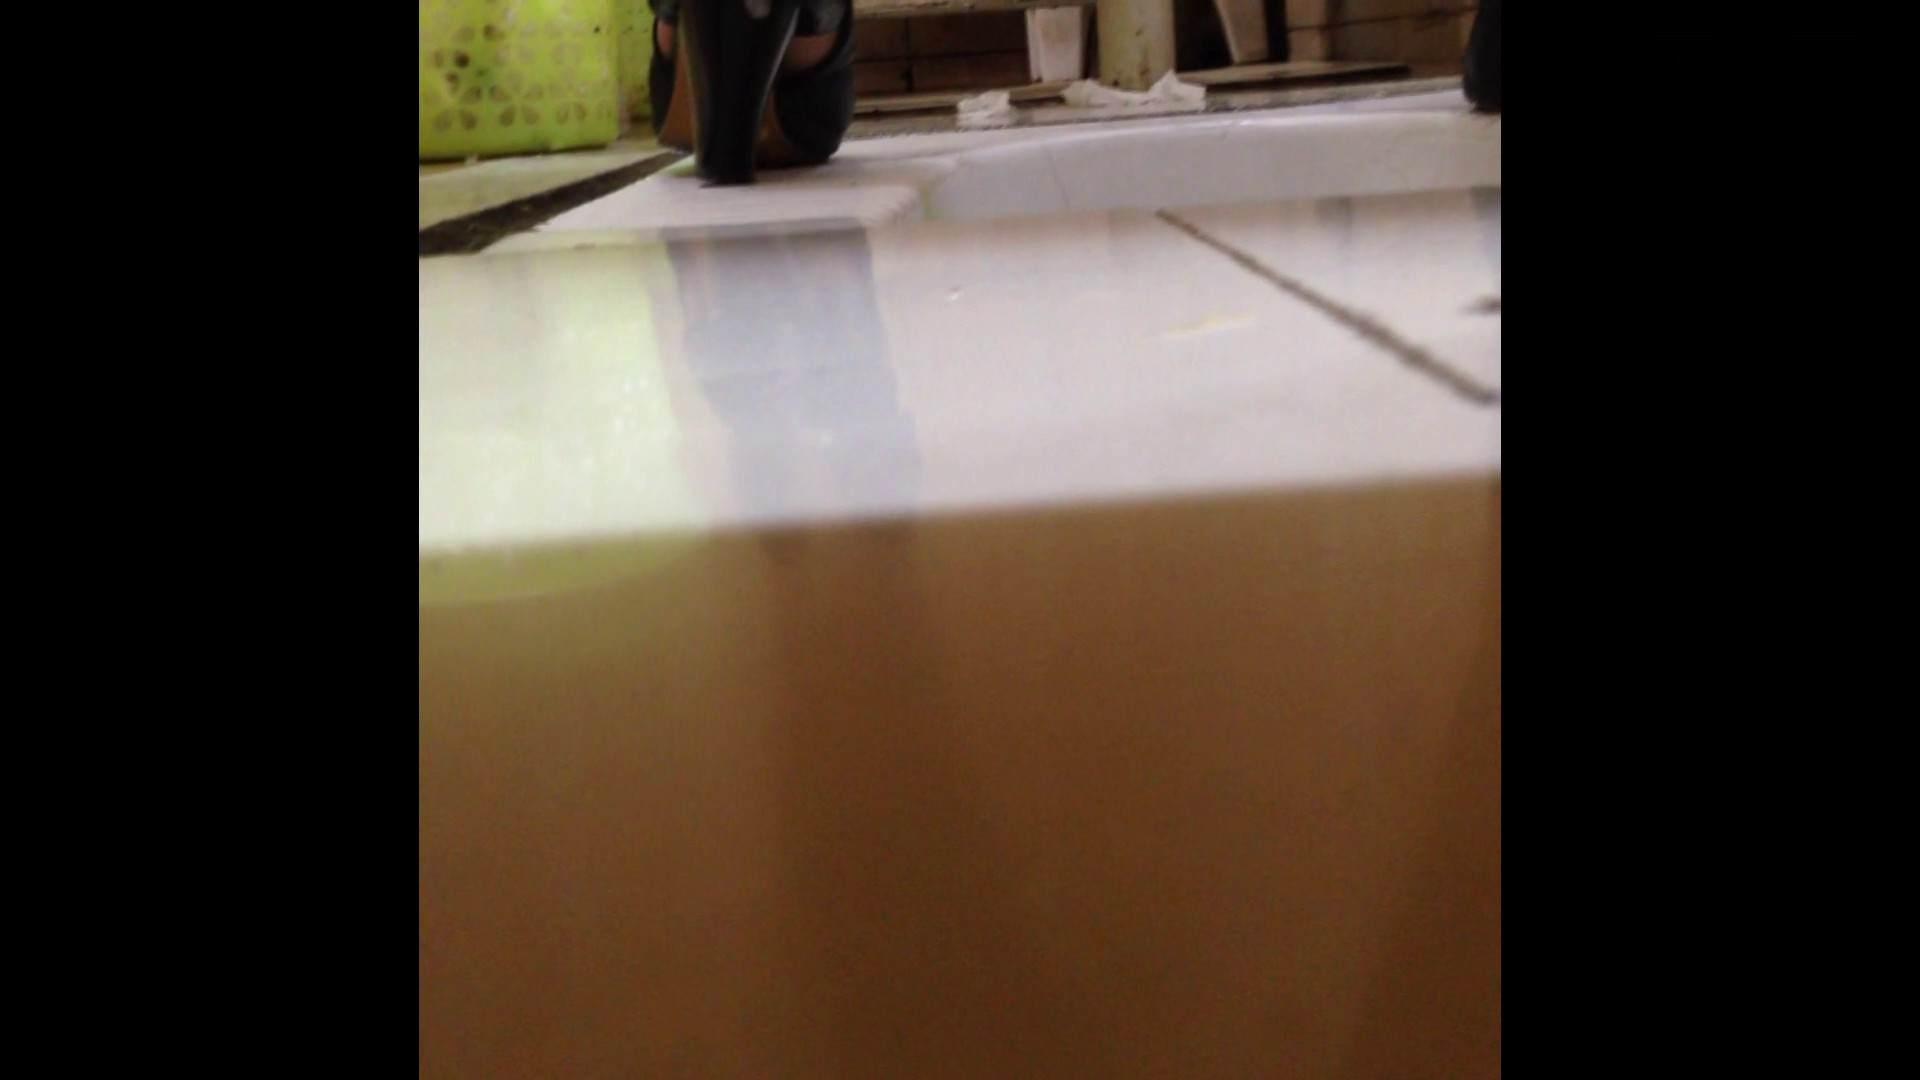 芸術大学ガチ潜入盗撮 JD盗撮 美女の洗面所の秘密 Vol.86 高画質 AV無料 54画像 35